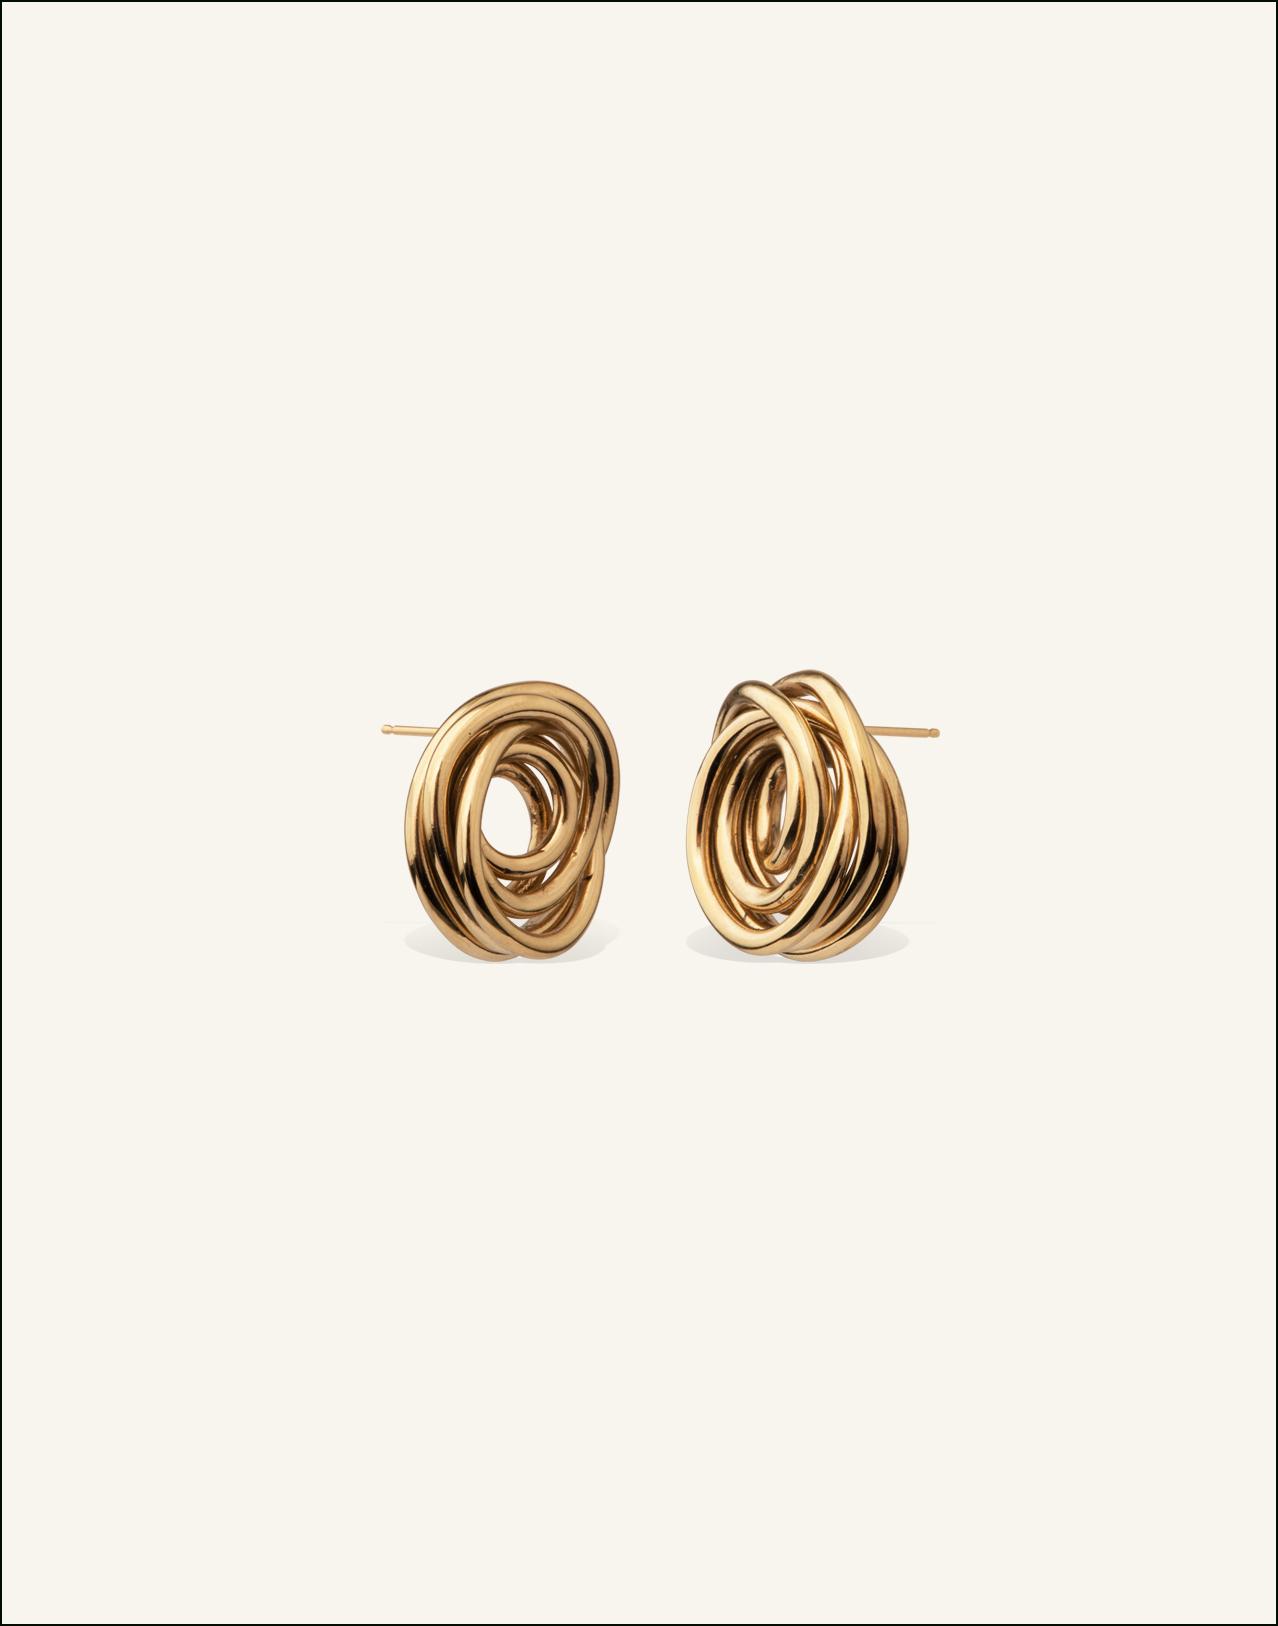 Completedworks-Earrings-Hotel-Matisse-3-1.jpg